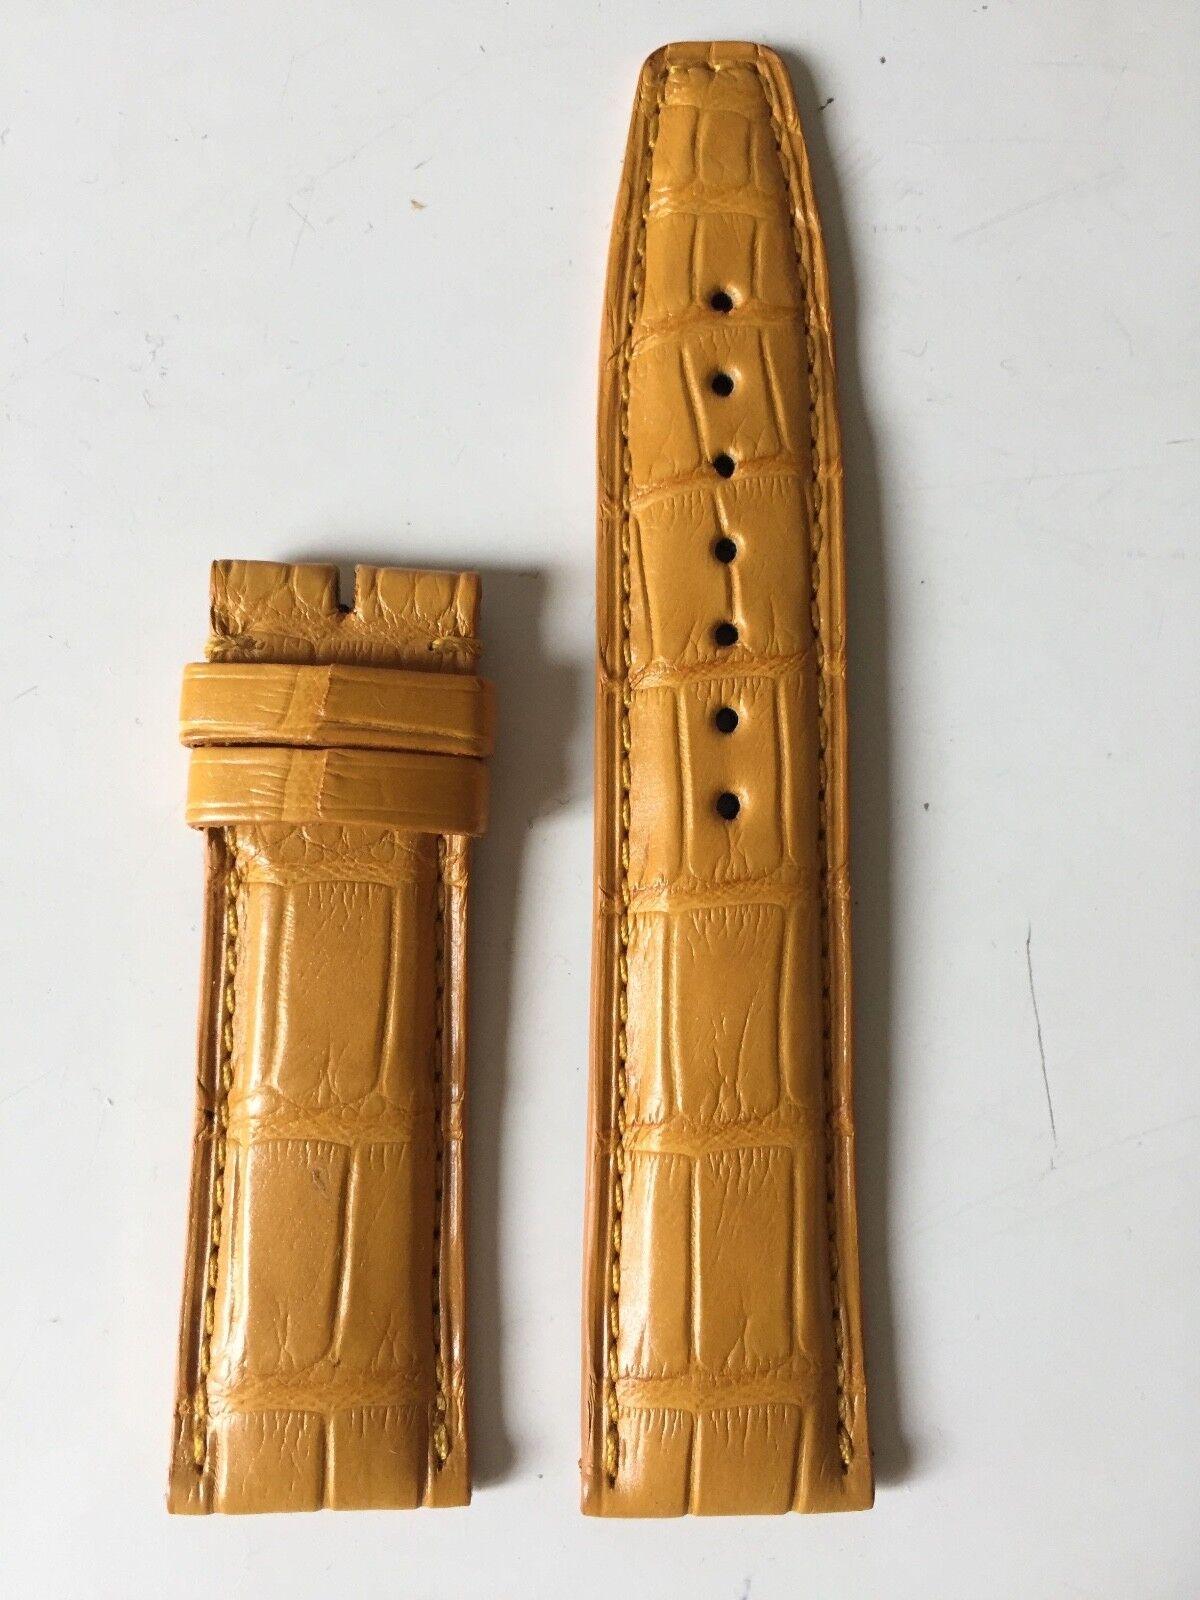 IWC Portugieser Uhrenarmband Alligatorleder 20/18 mm Gelb Kurz